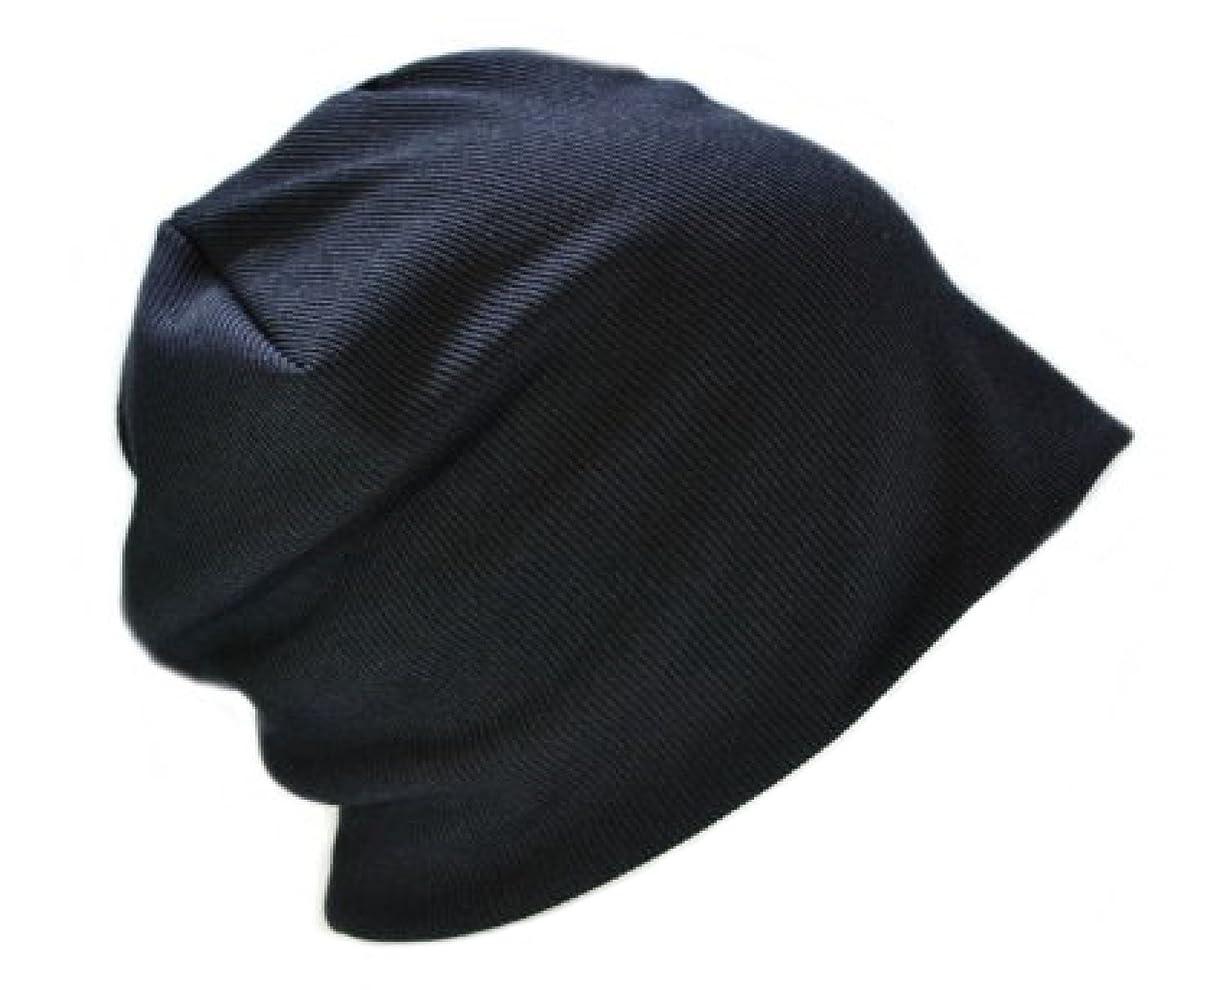 技術者原稿スマッシュ医療用帽子 日本製 帽子 医療用 ケア帽子 ニット帽 コットン 大きい 大きめ ビック LL 3L 売れ筋 人気 抗がん剤 手術跡 脱毛 抜け毛 剃毛